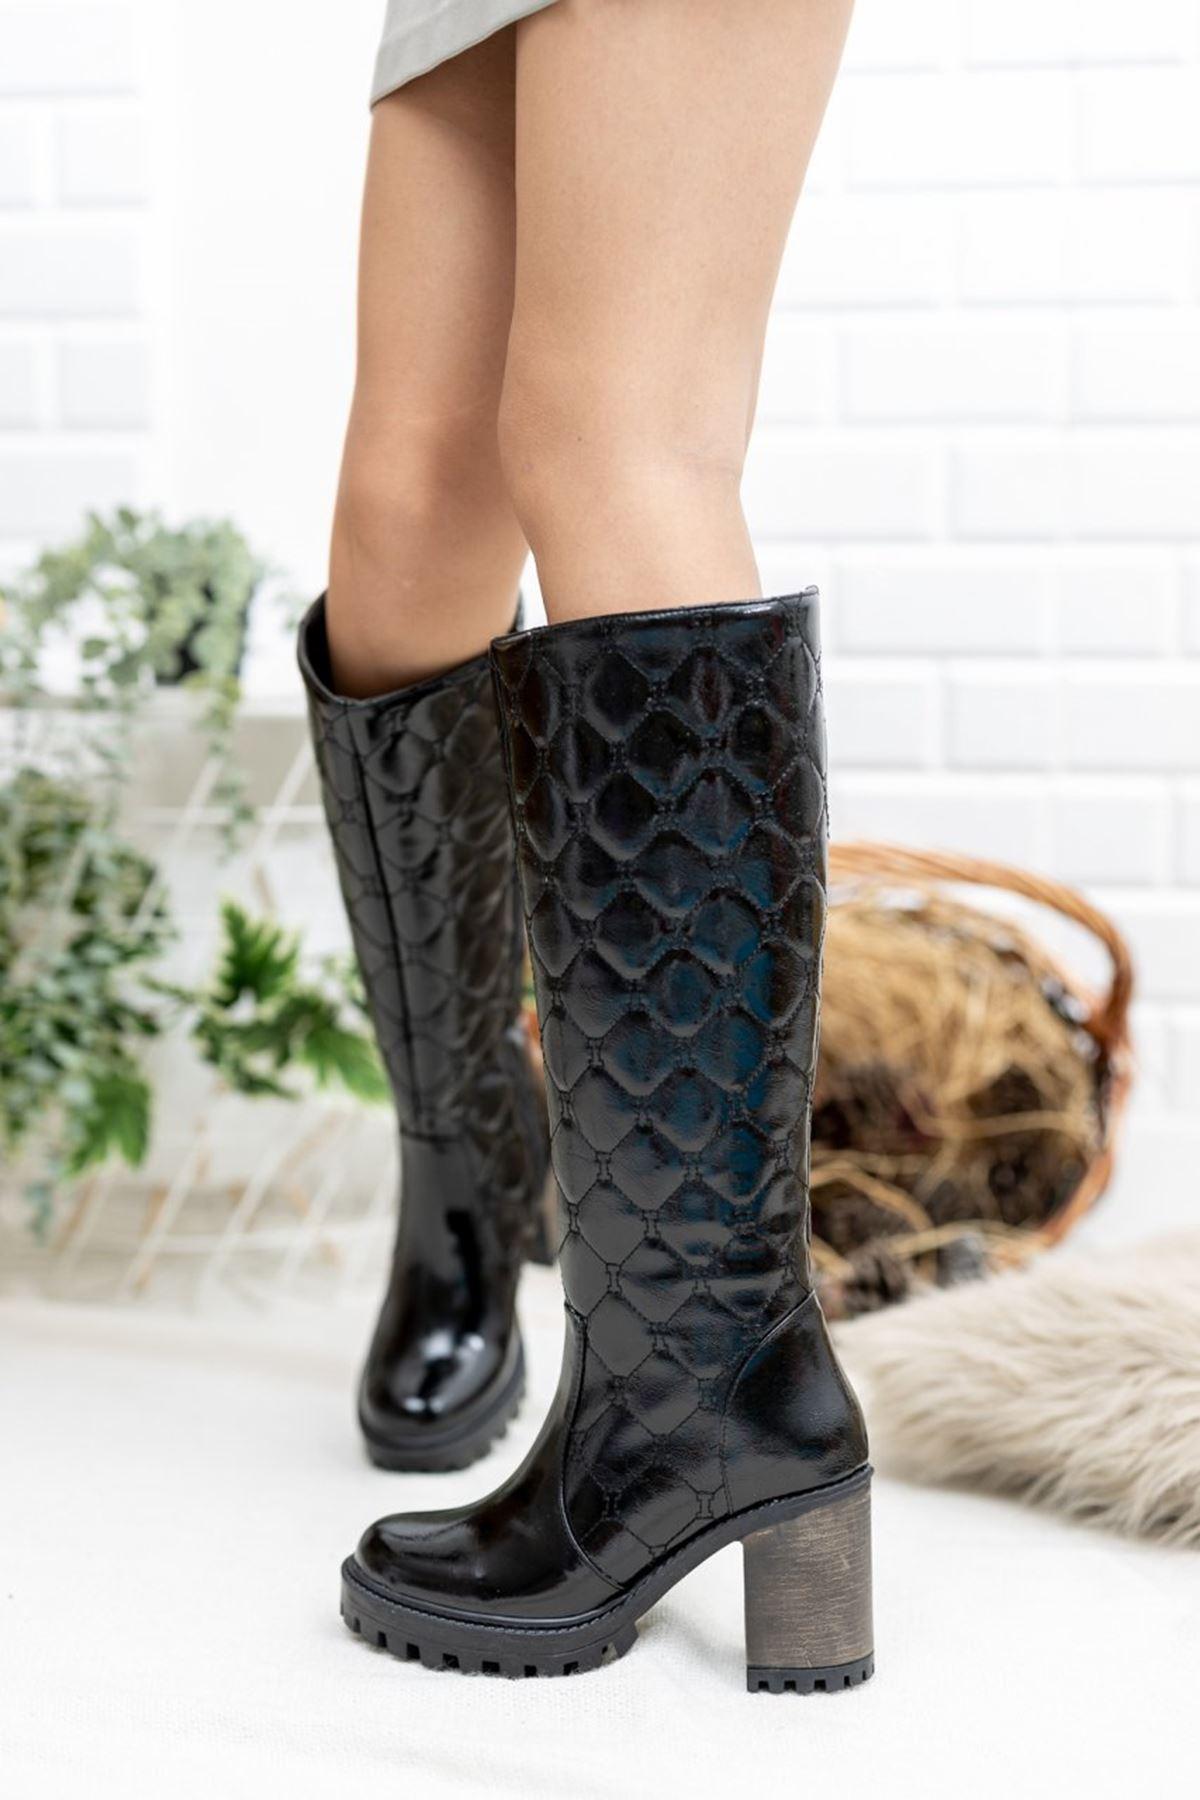 Kadın Lİza Kapitone Detay Topuklu Kırışık Rugan Siyah Çizme